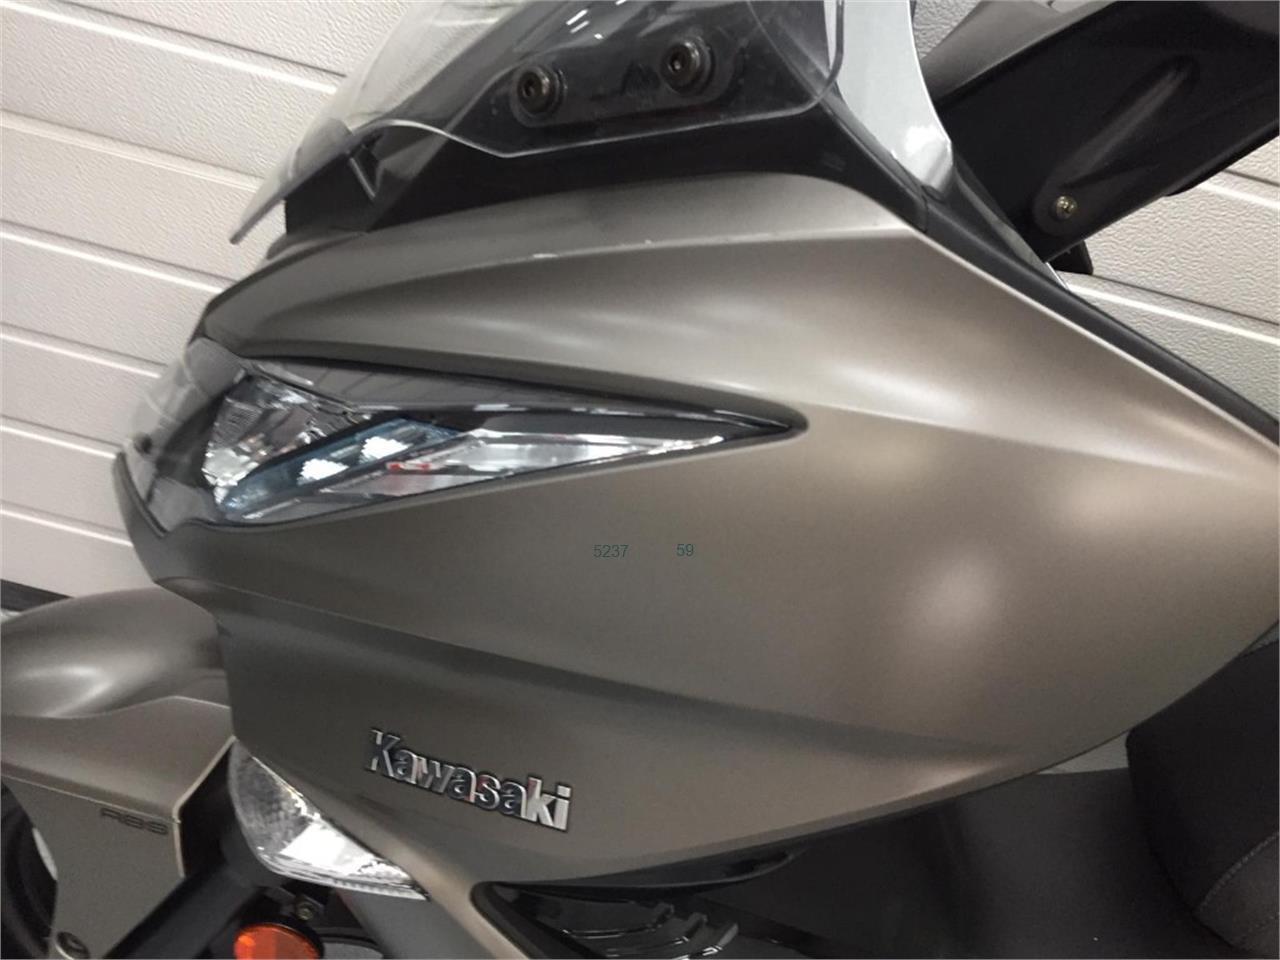 KAWASAKI J 300 ABS_4 de venta en Tarragona